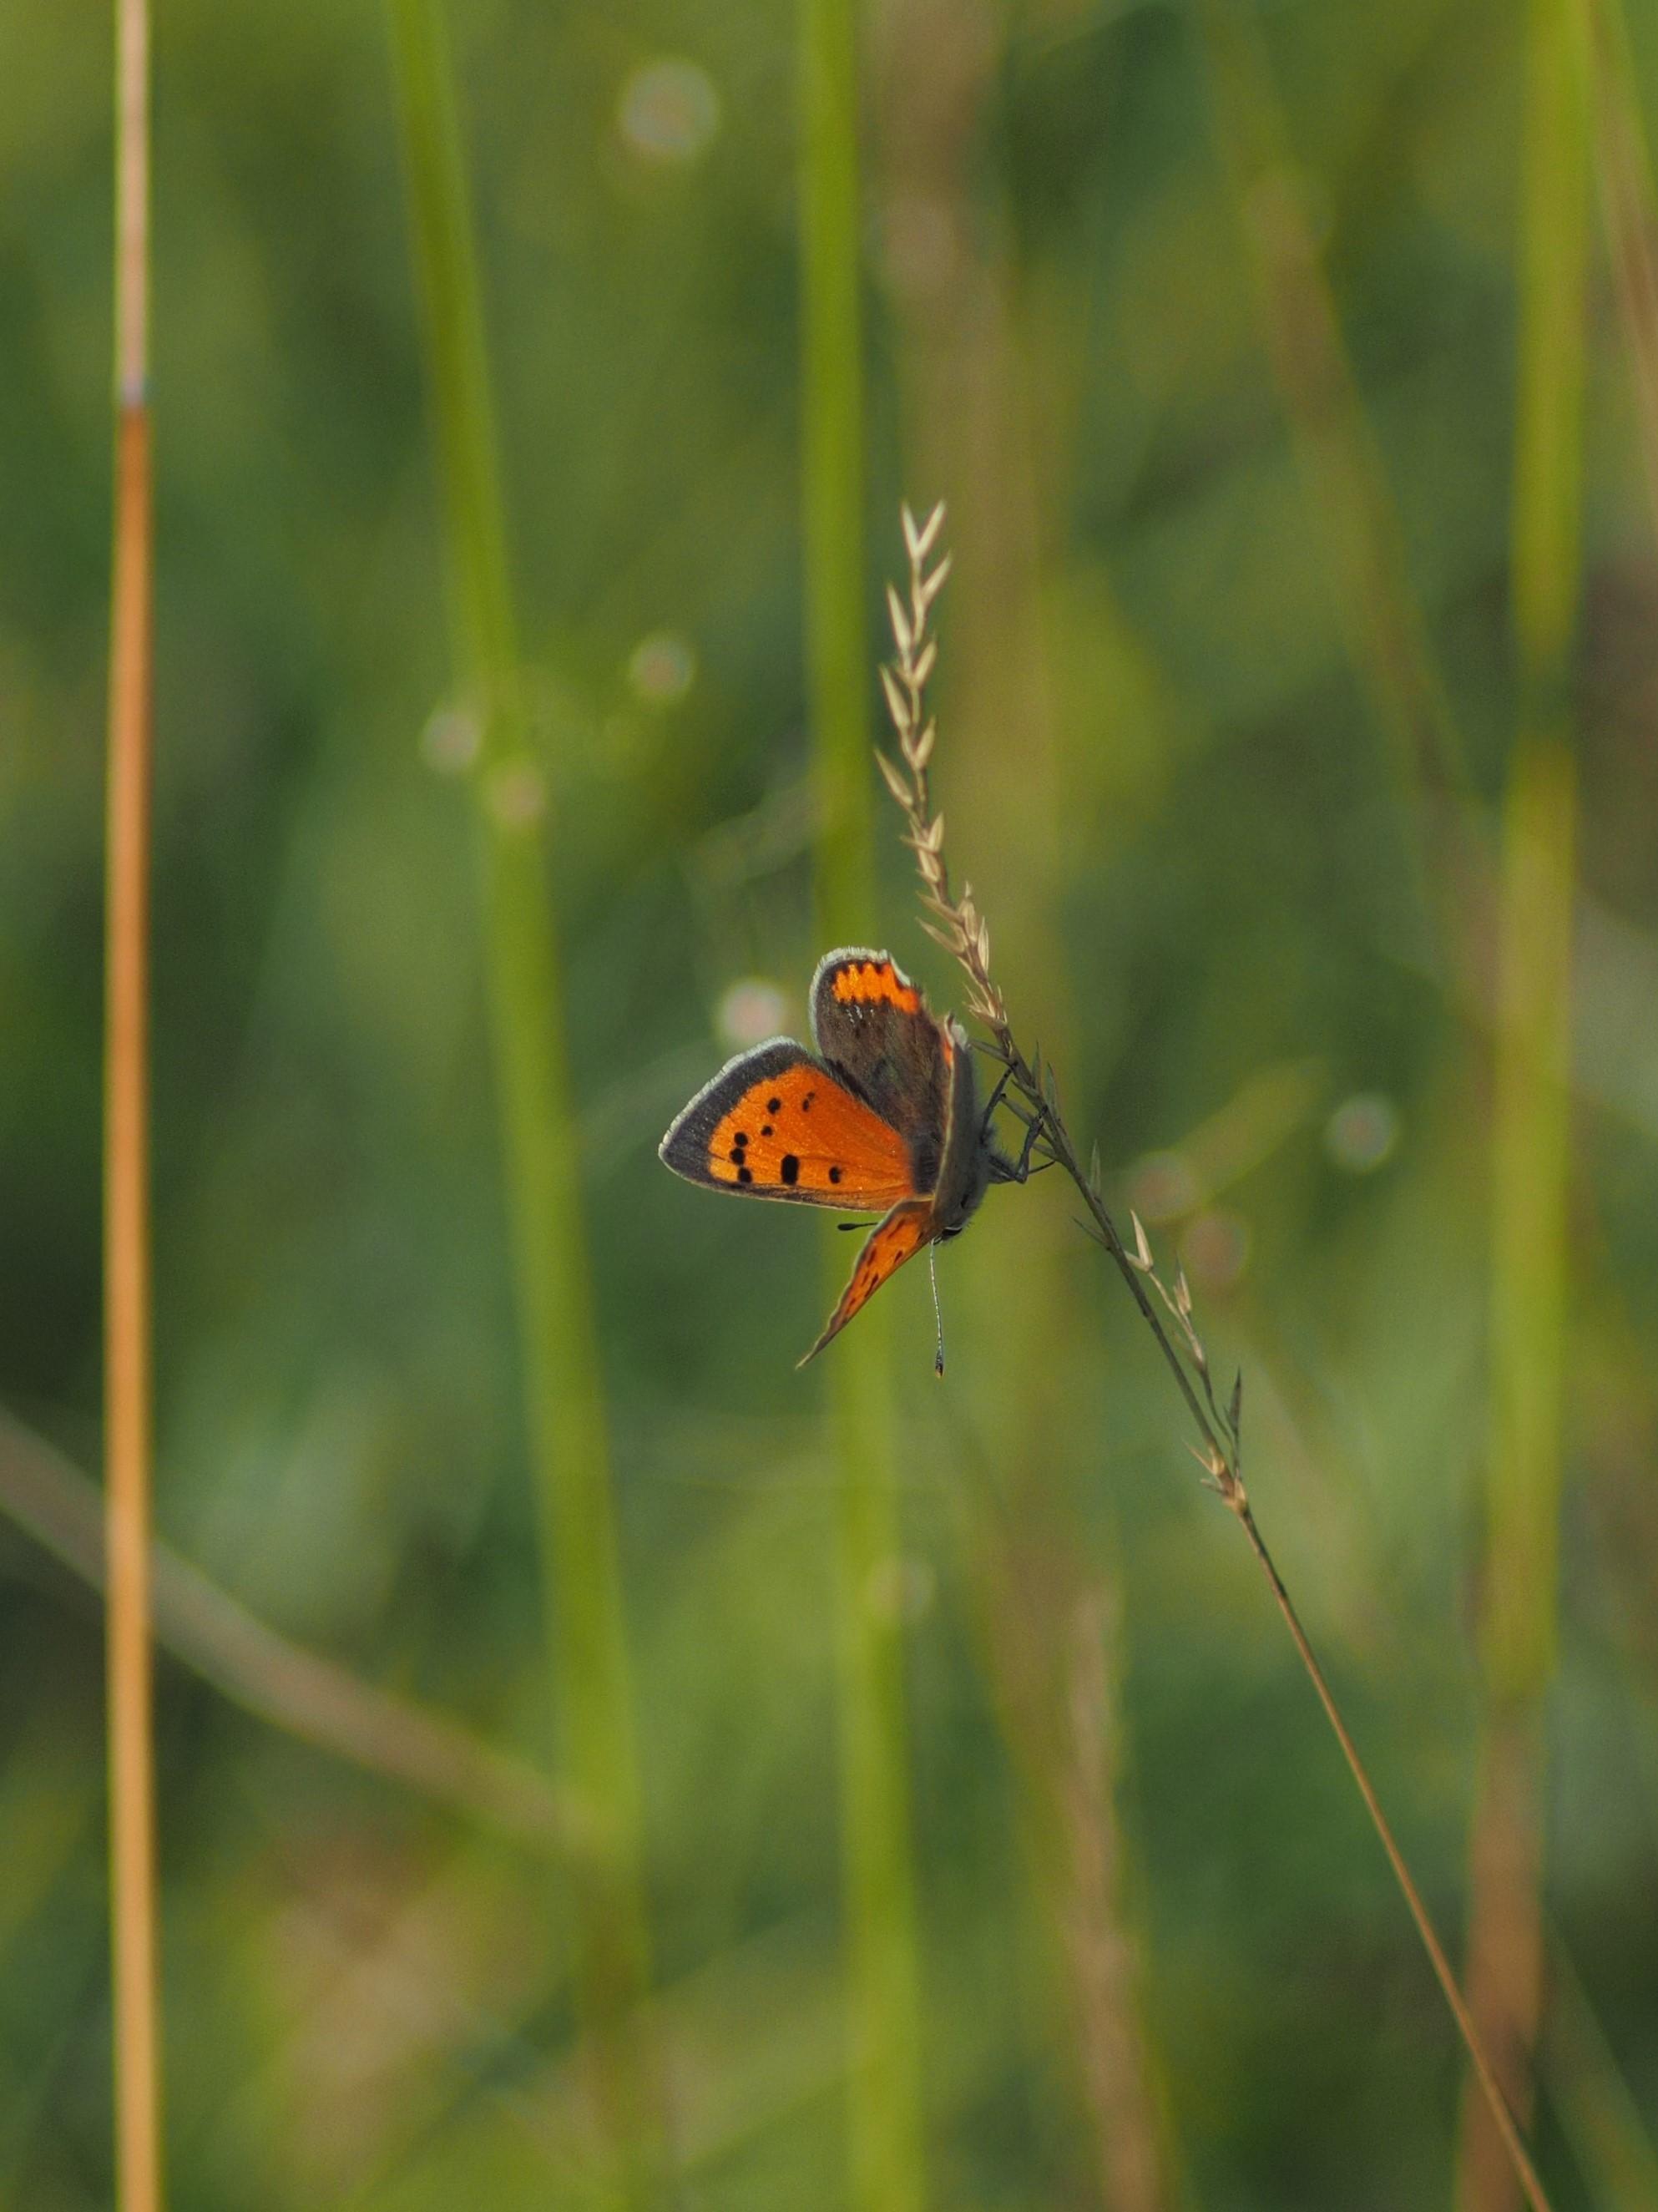 148561 скачать обои Животные, Бабочка, Крылья, Трава, Листья, Макро - заставки и картинки бесплатно